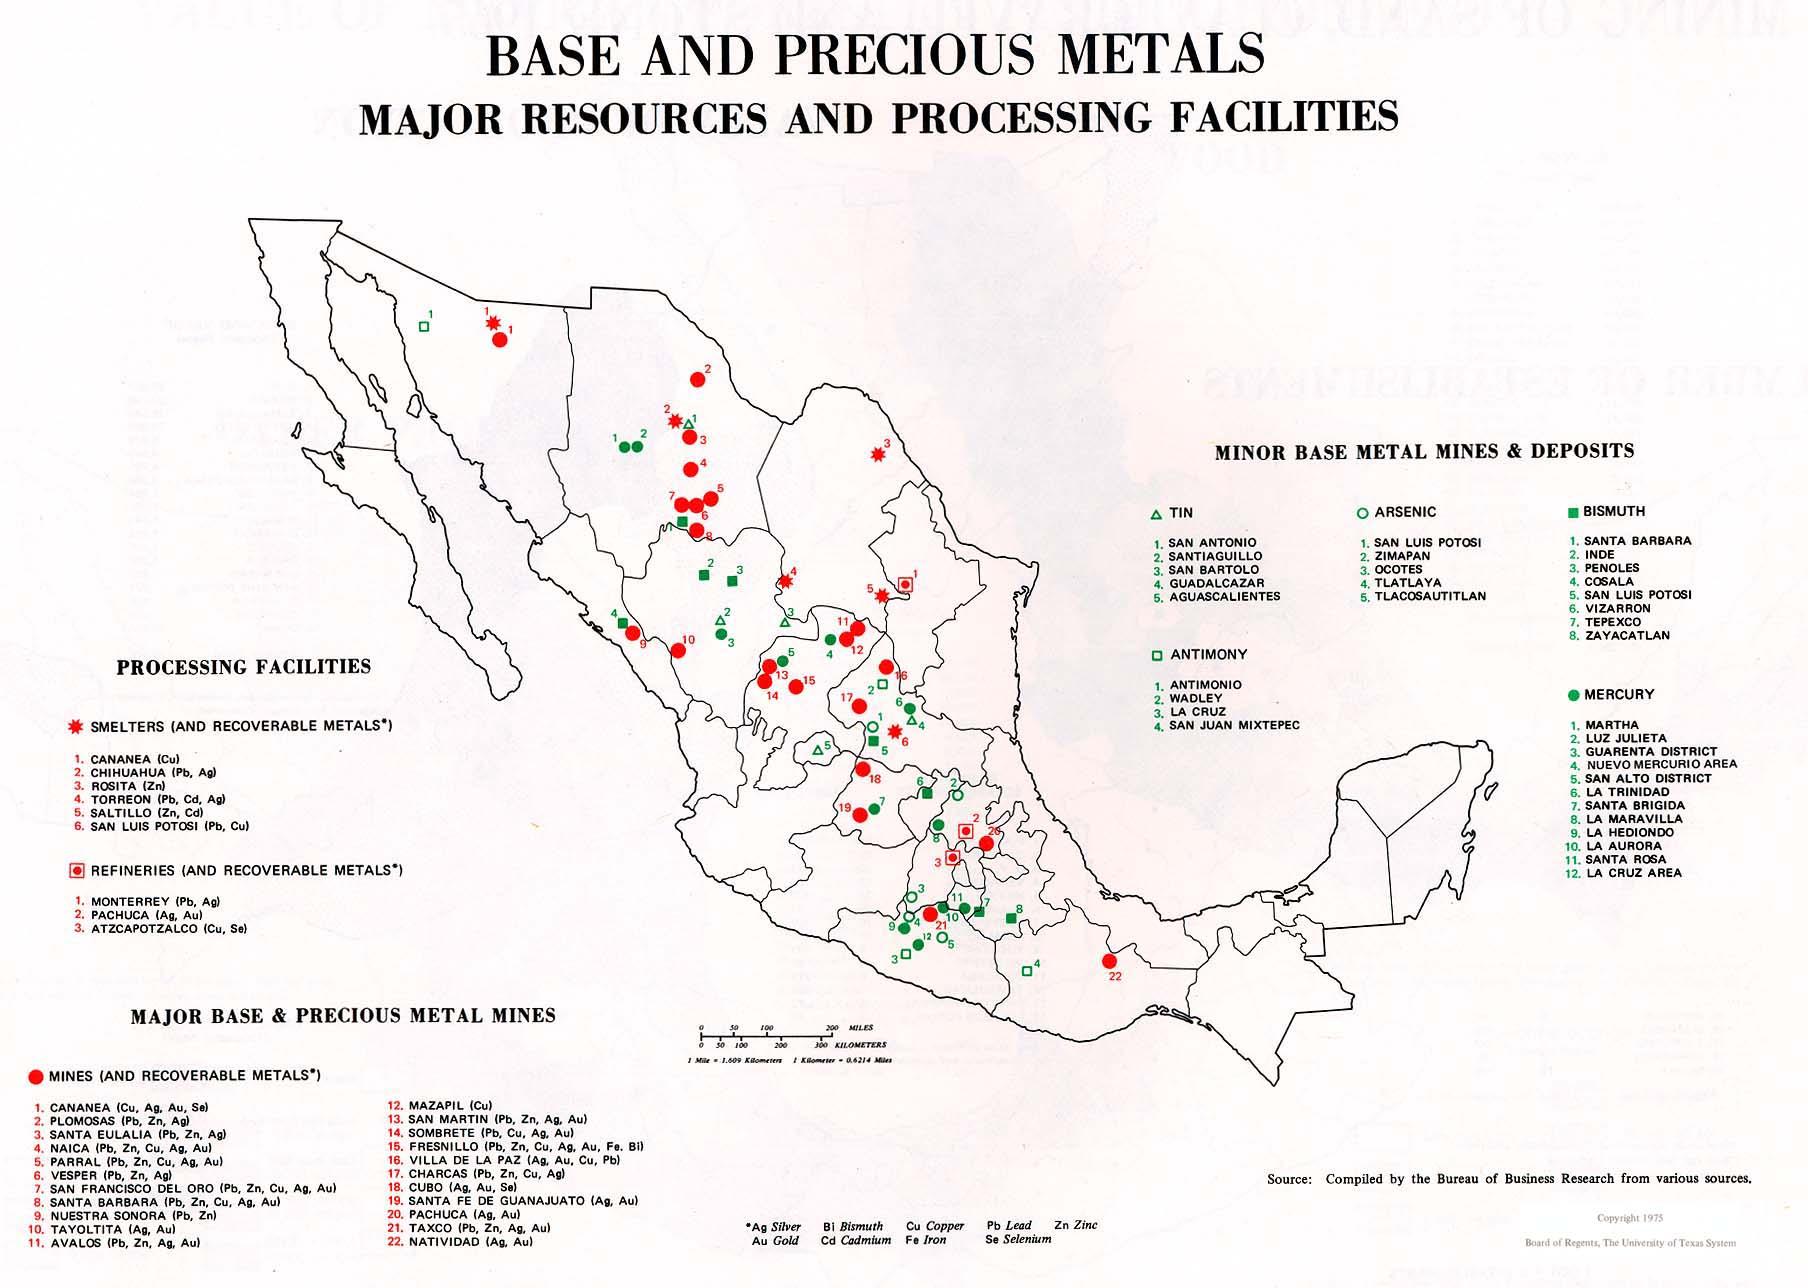 Mapa de Los recursos importantes e las instalaciones de procesamiento de metales básicos y preciosos en México 1975